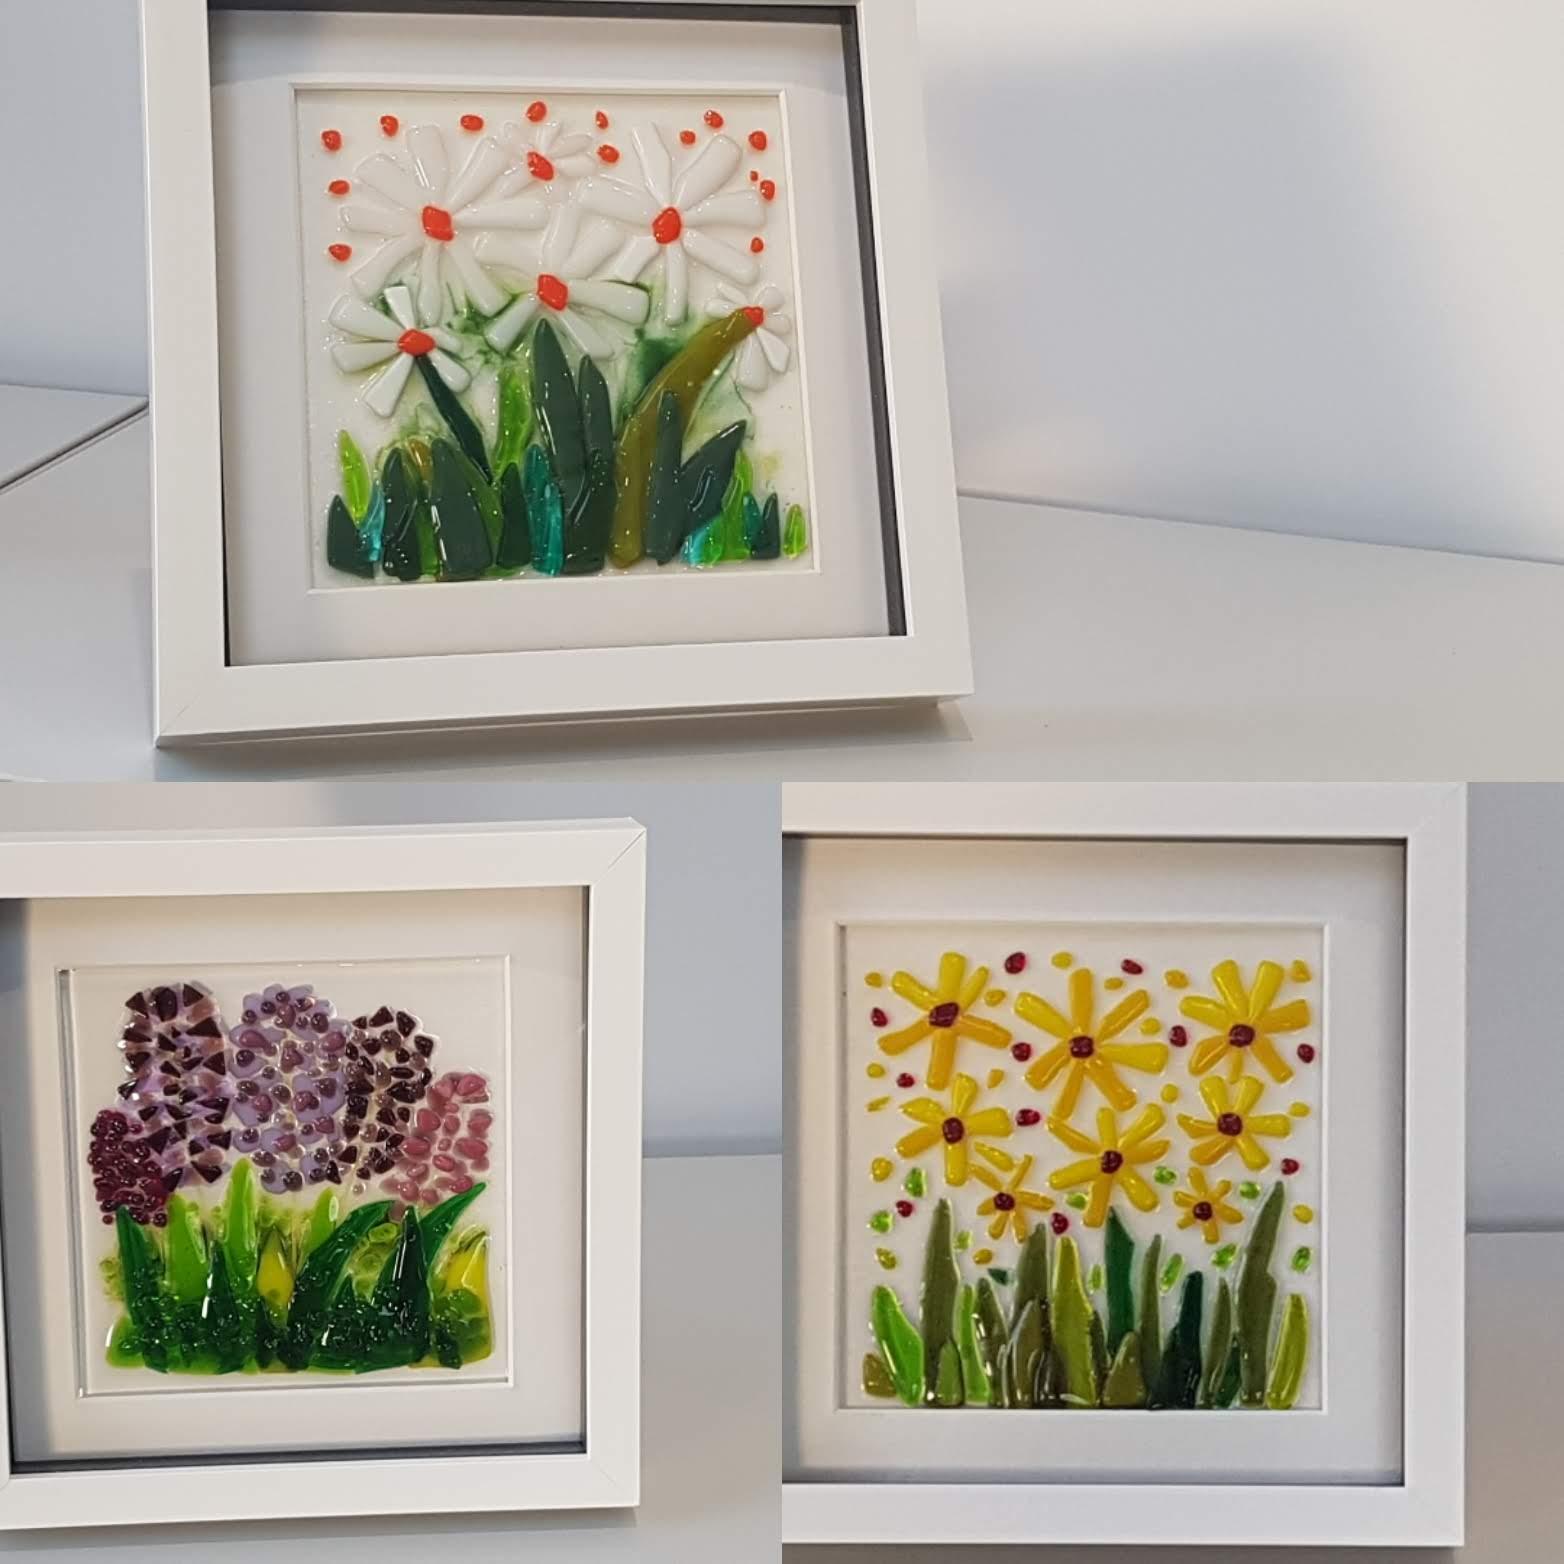 Framed Fused Glass Art - Various Flower Designs